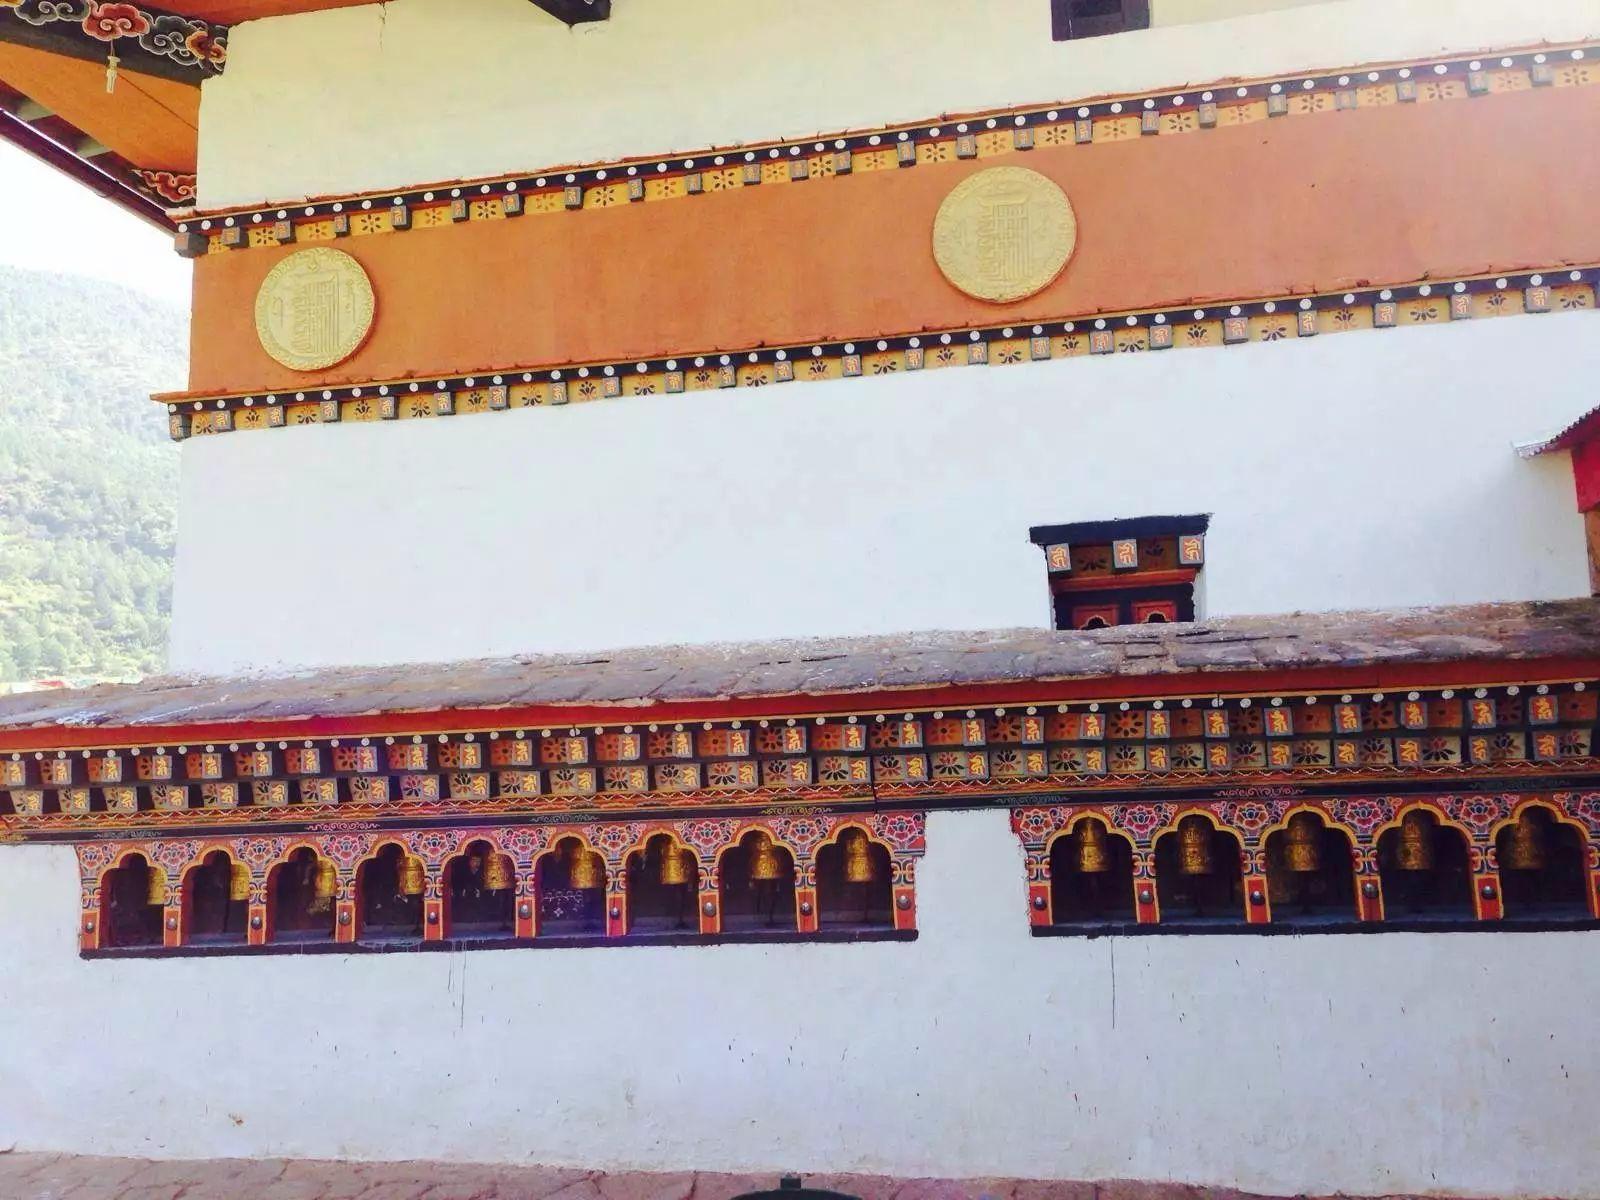 那些去不丹的人后来都怎么样了?5天4晚,探寻全球最幸福国度的密码